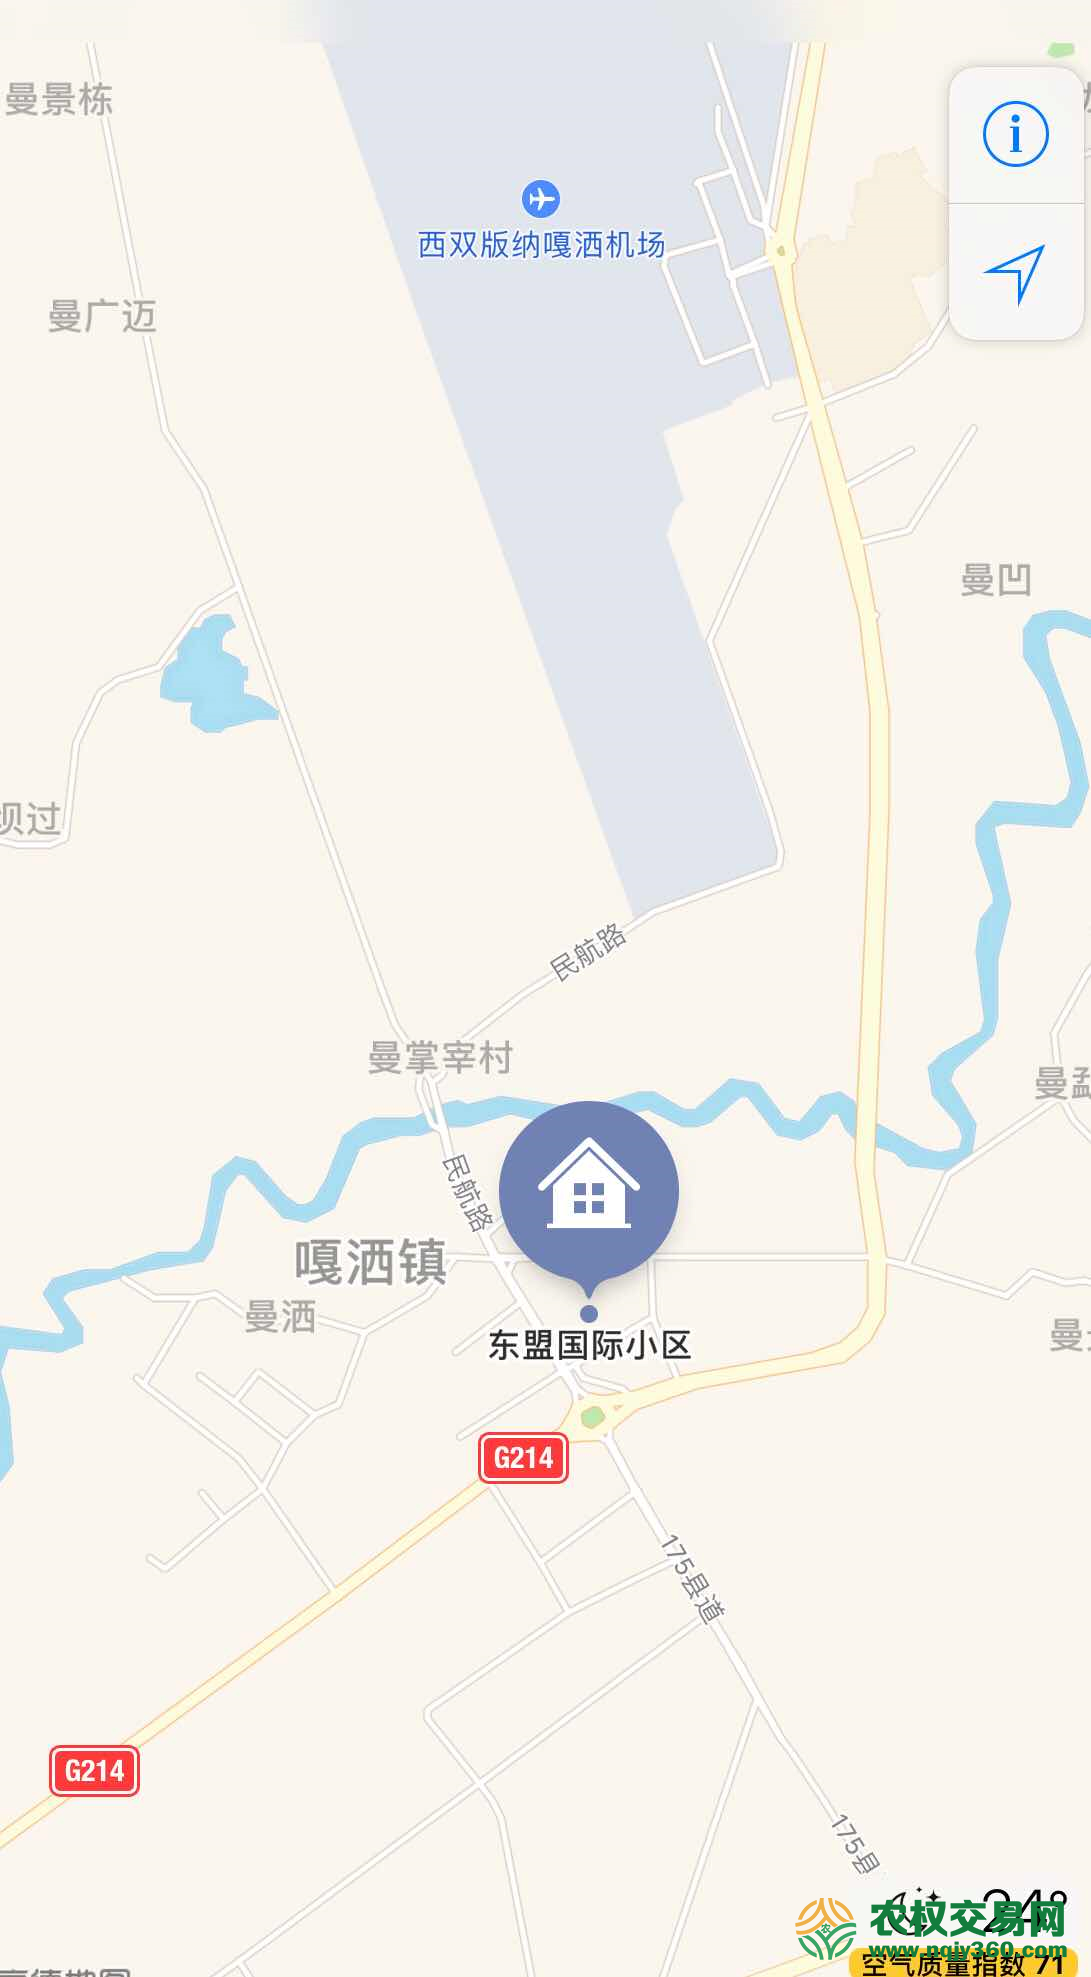 云南省西双版纳州景洪市180平方米商业宅基地转让